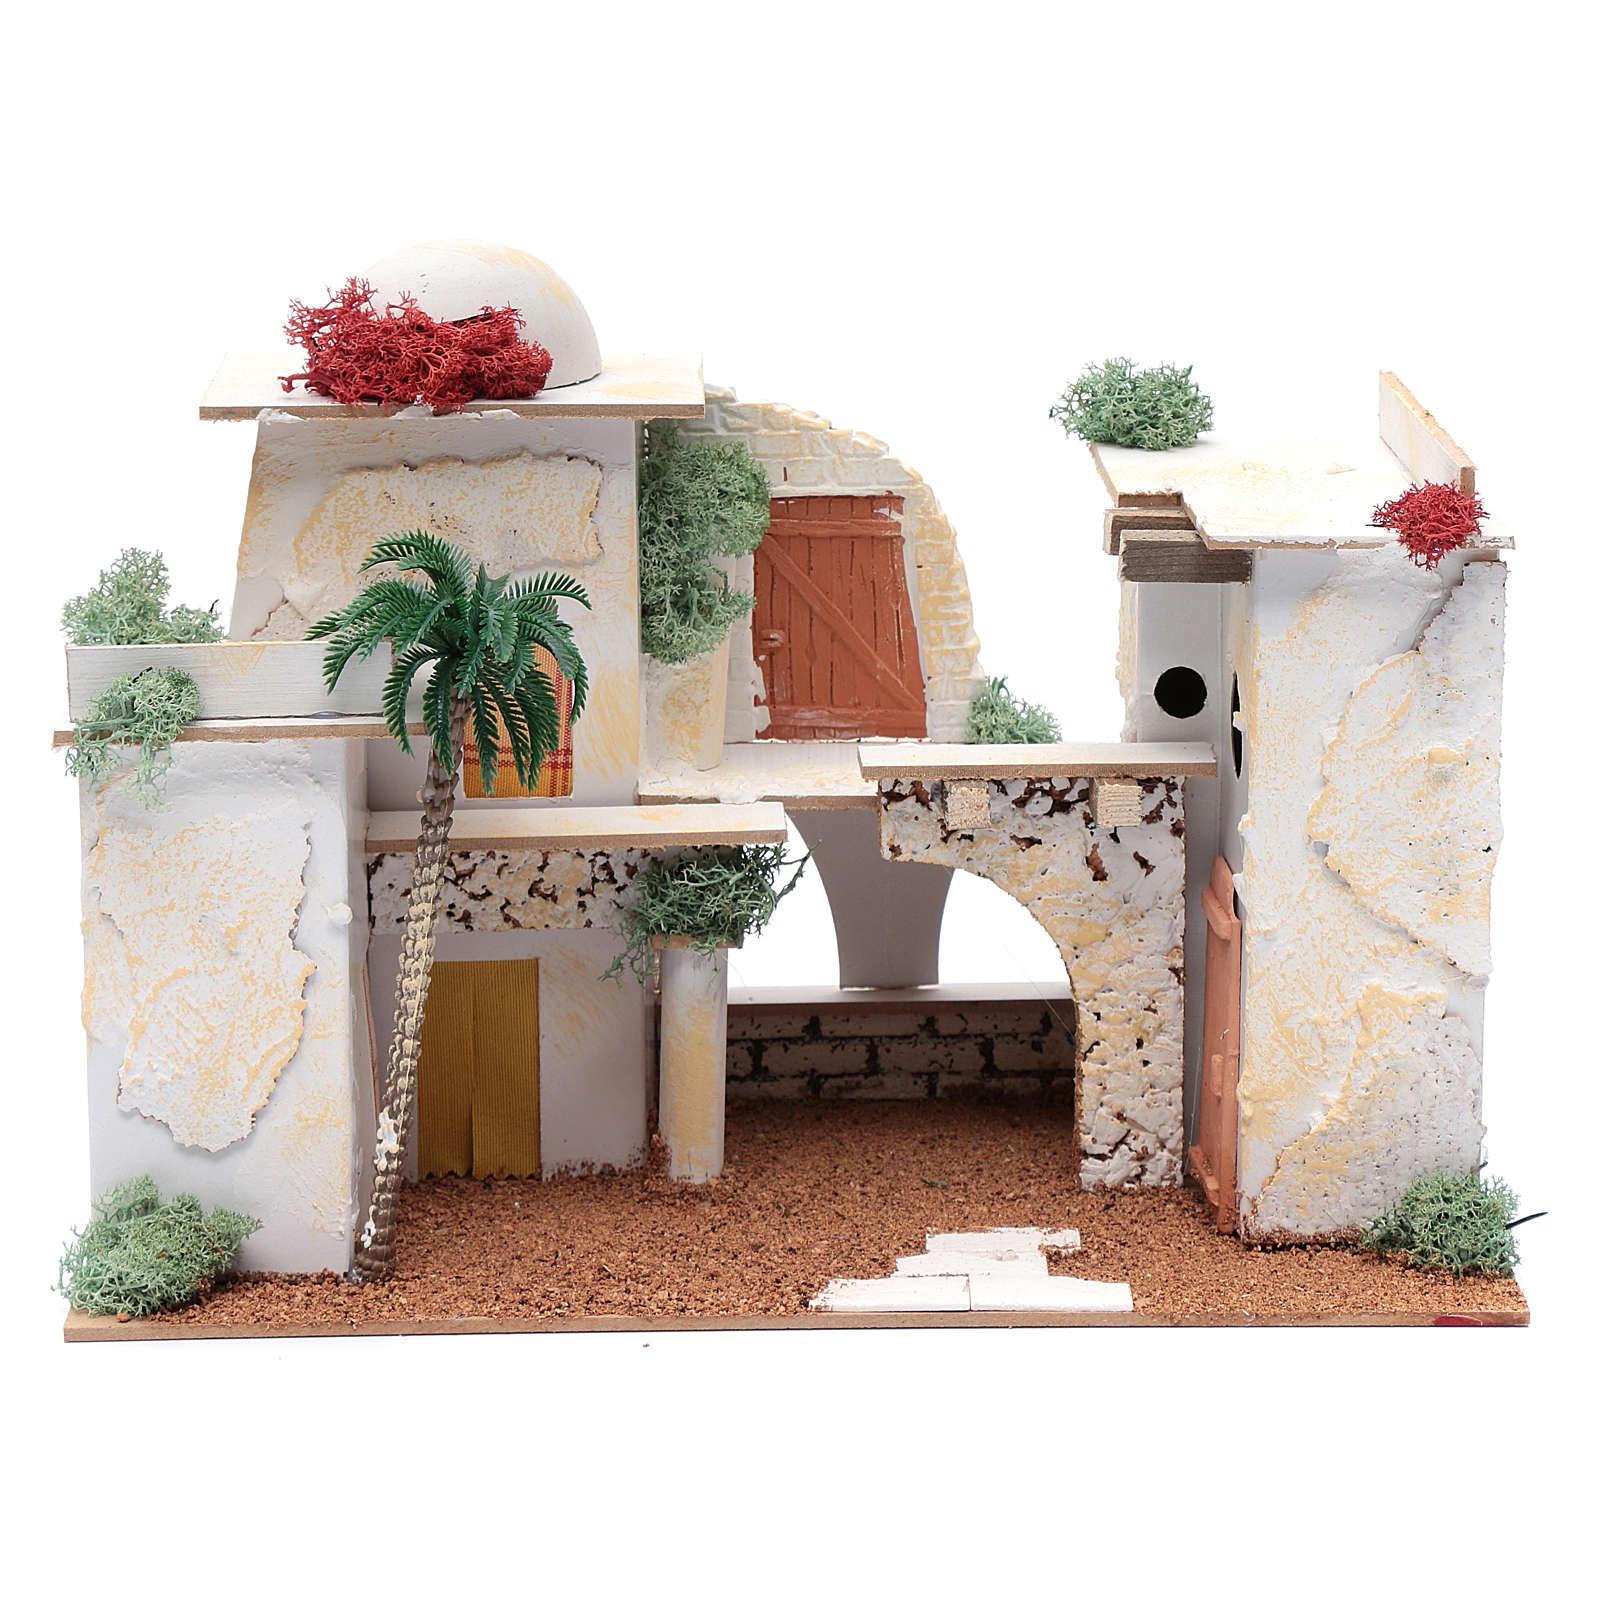 Maison arabe 20x35x20 cm pour santons 7 cm 4